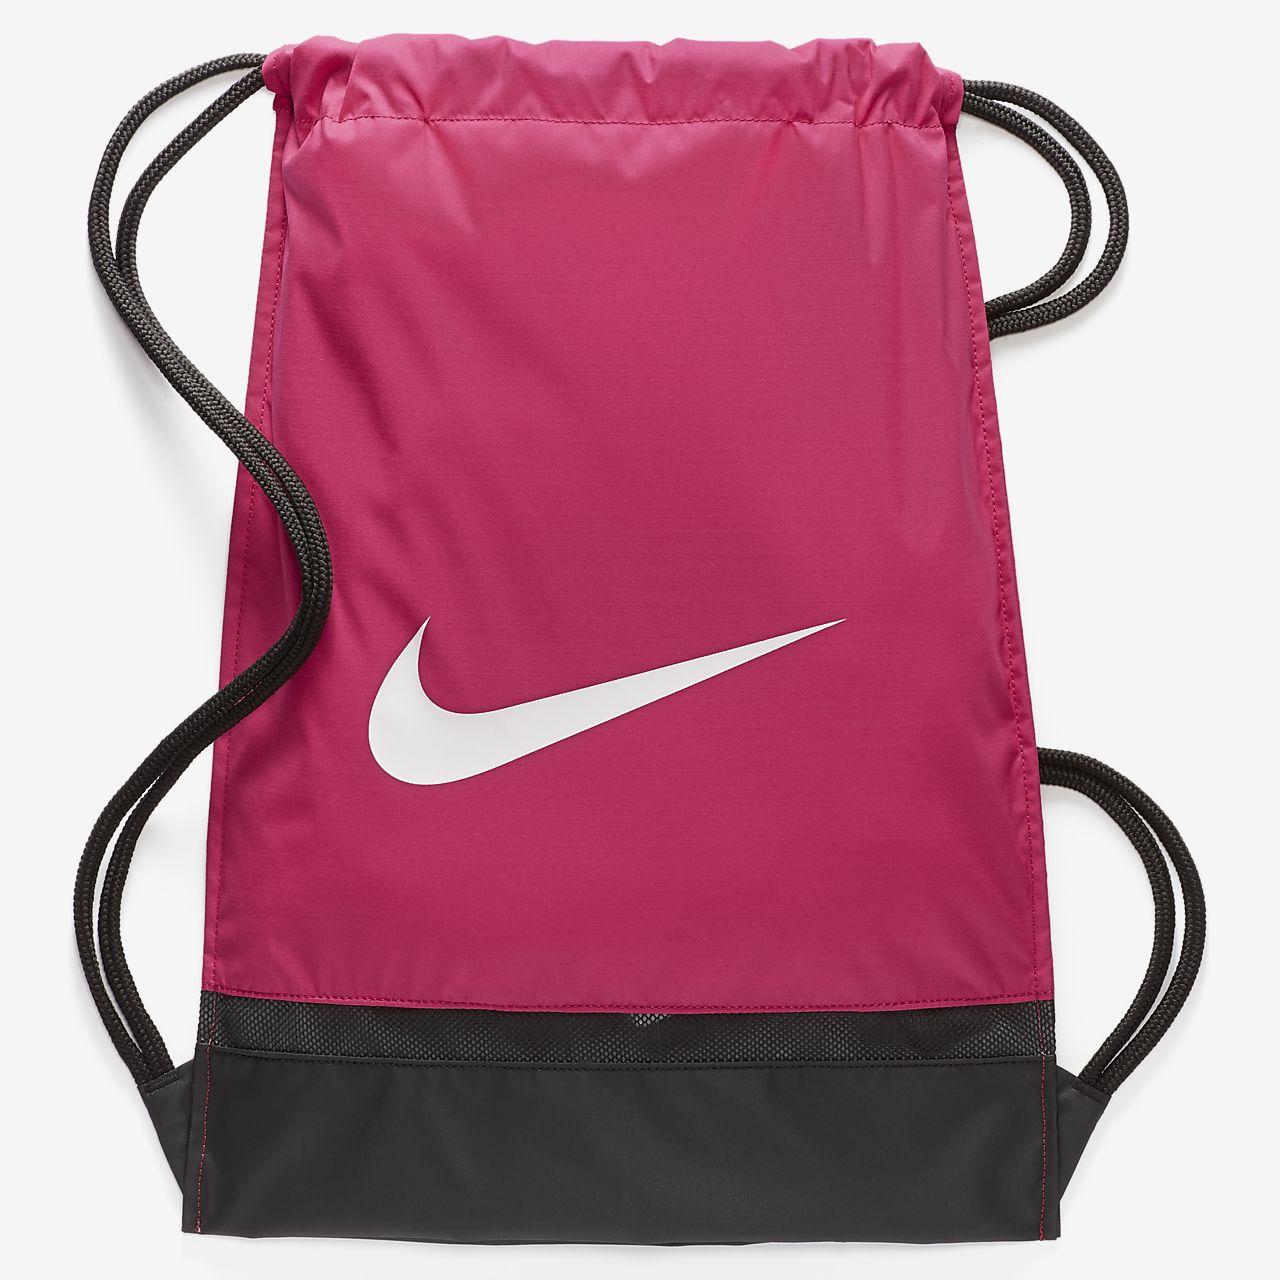 e3e75ed503 Sacca per la palestra e l'allenamento Nike Brasilia. Nike.com CH